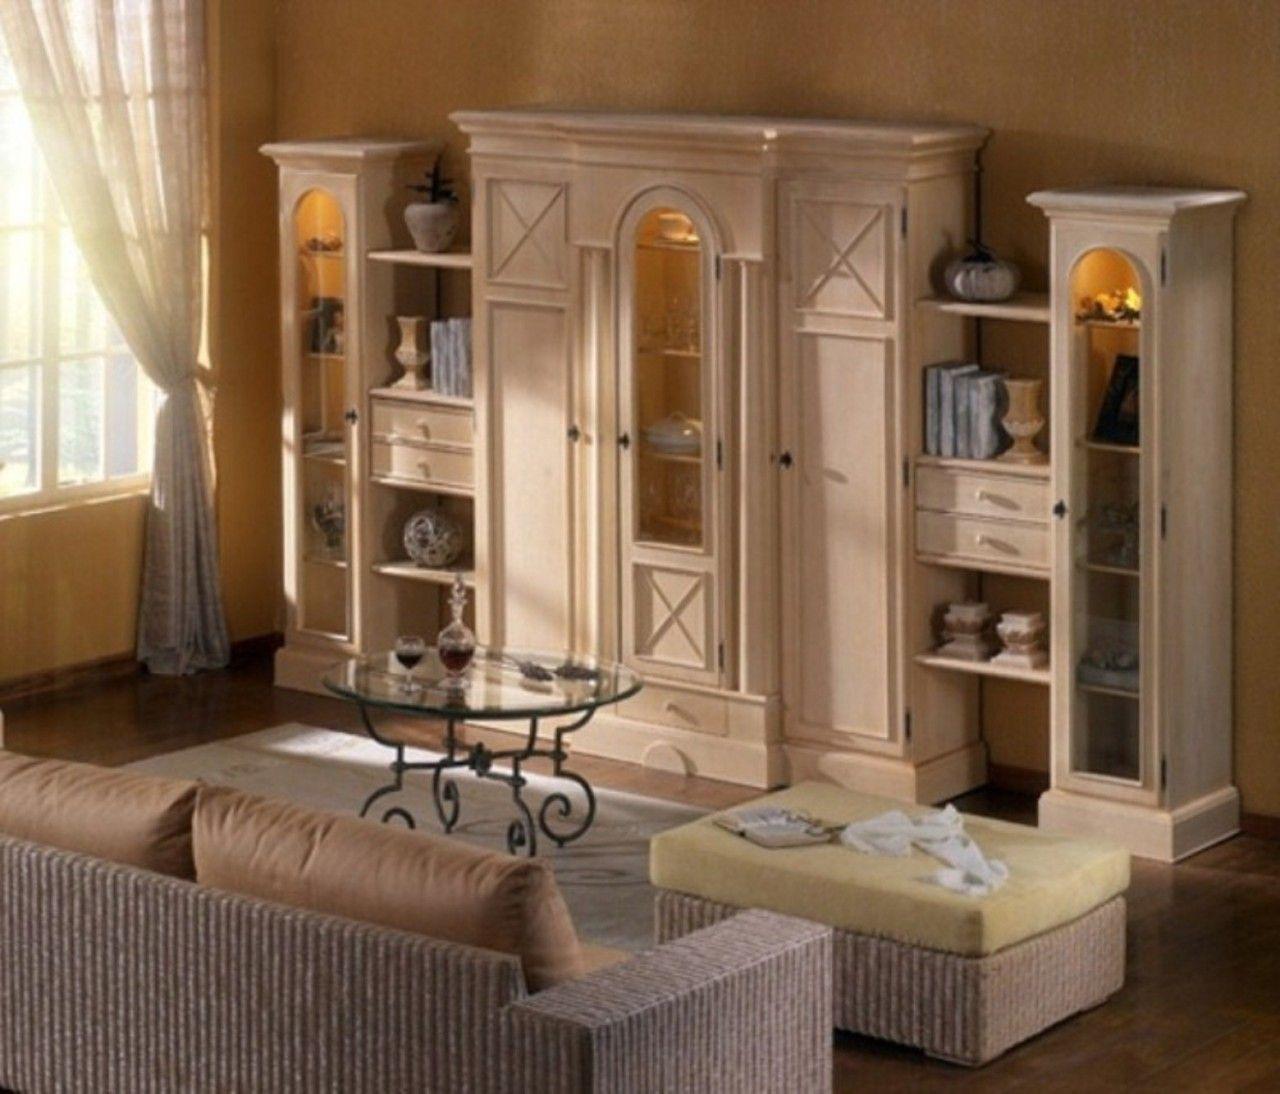 ✅ Casamia Wohnzimmerschrank Wohnwand Allegro 9 cm breit, Pinie